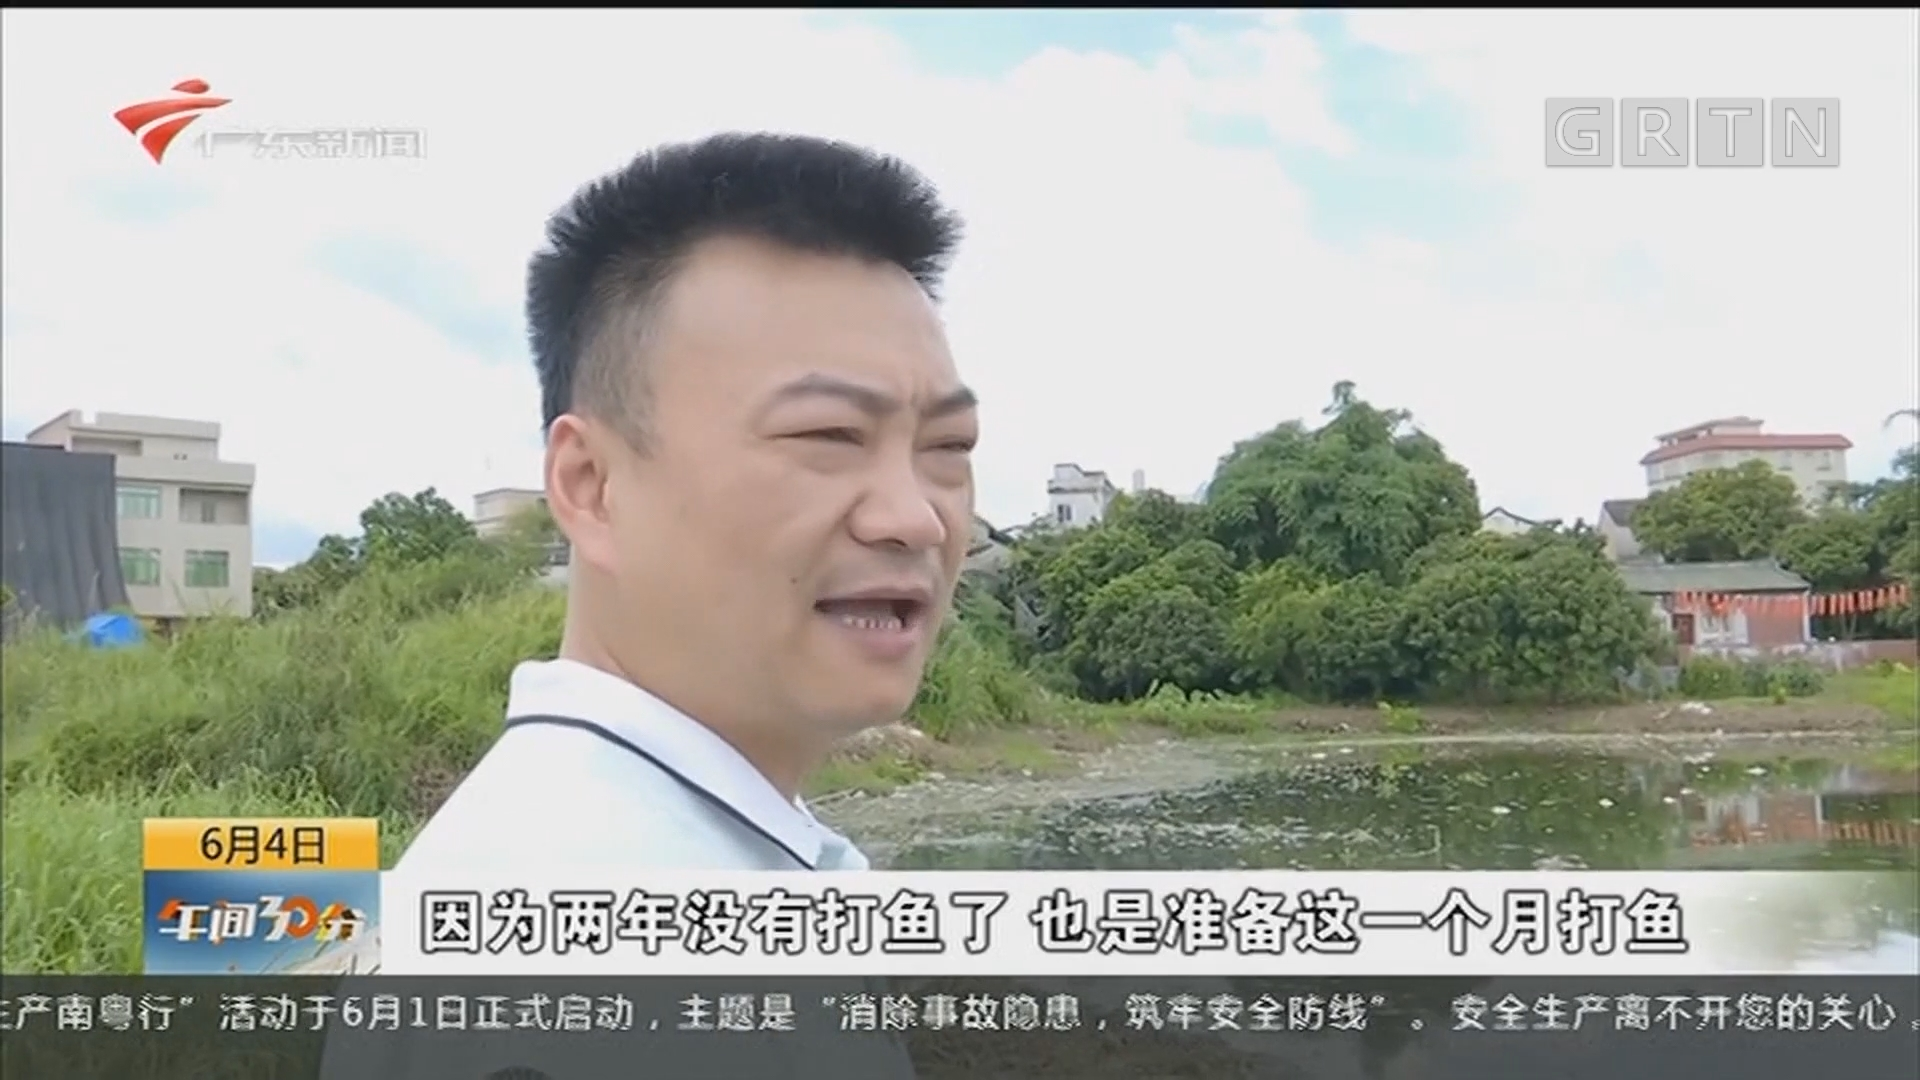 """梅州丰顺:十万斤鱼缺氧""""翻白肚"""" 打捞都花了四天"""